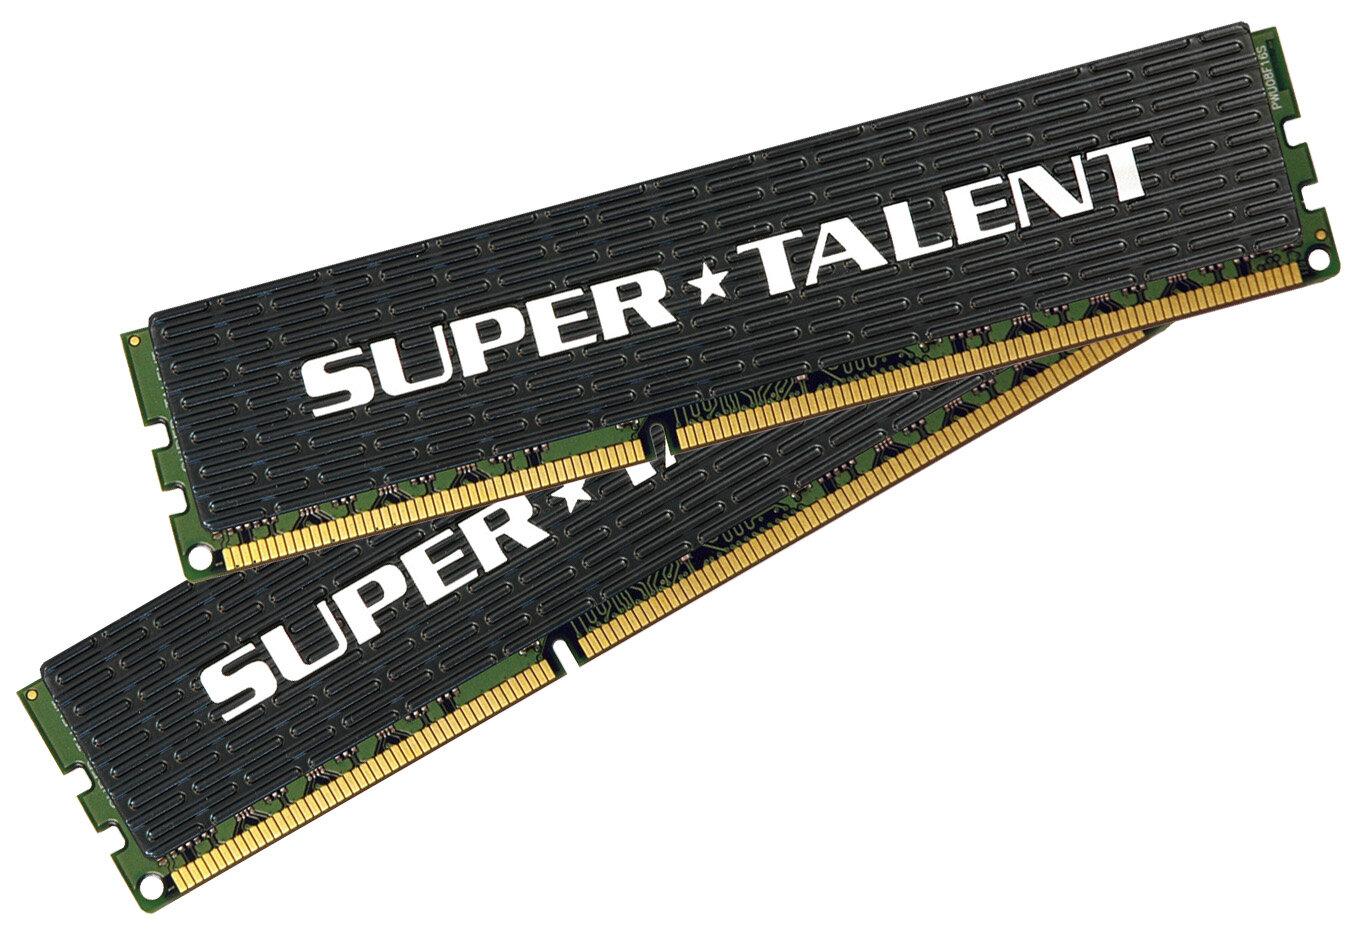 Super Talent lance de la RAM DDR3 1600 MHz en CL7